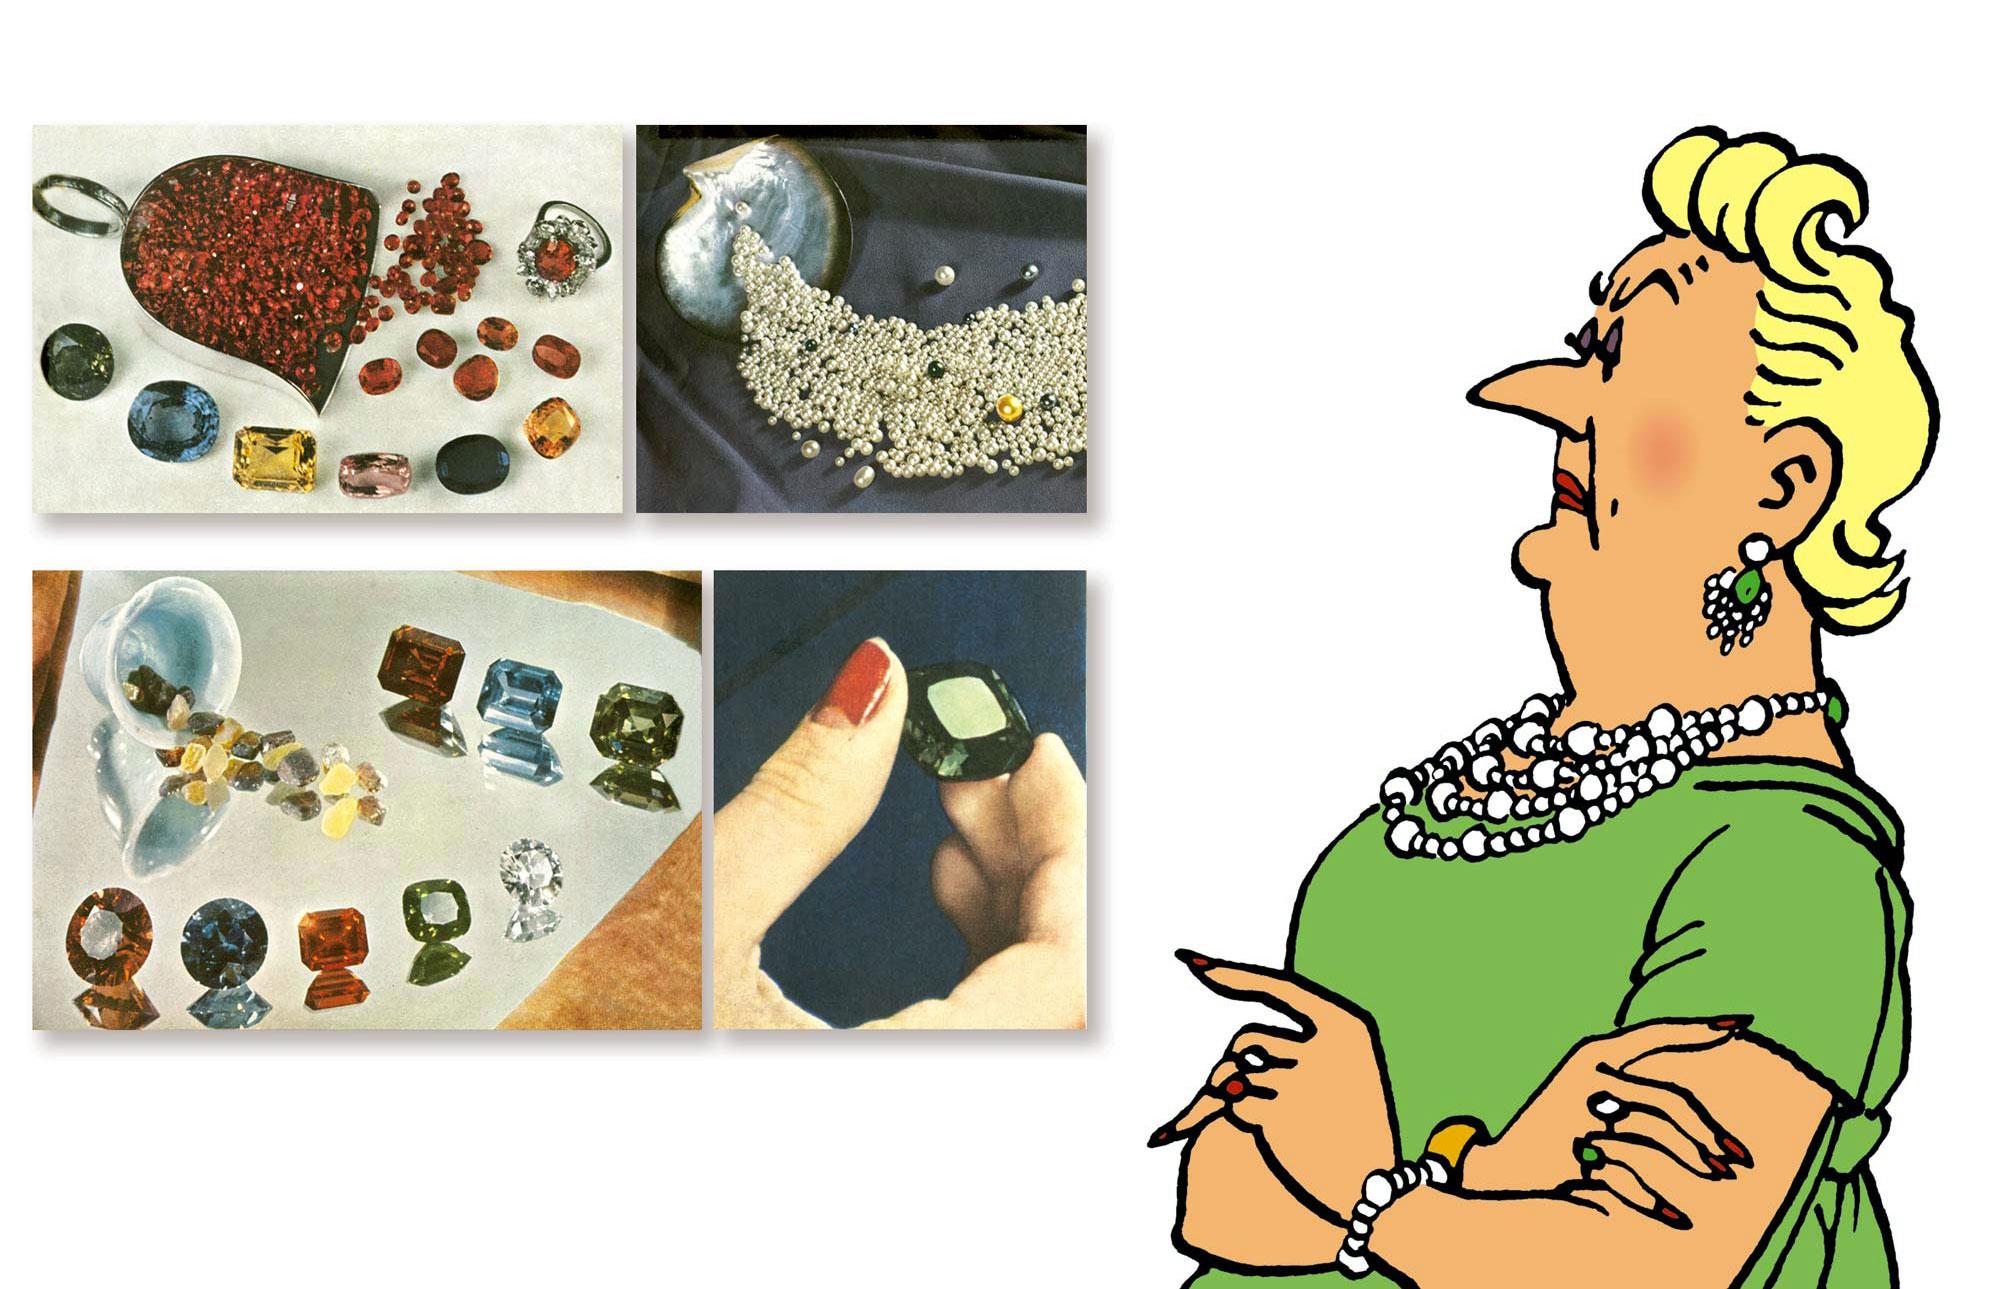 La Castafiore et ses bijoux - Documentation d'Hergé